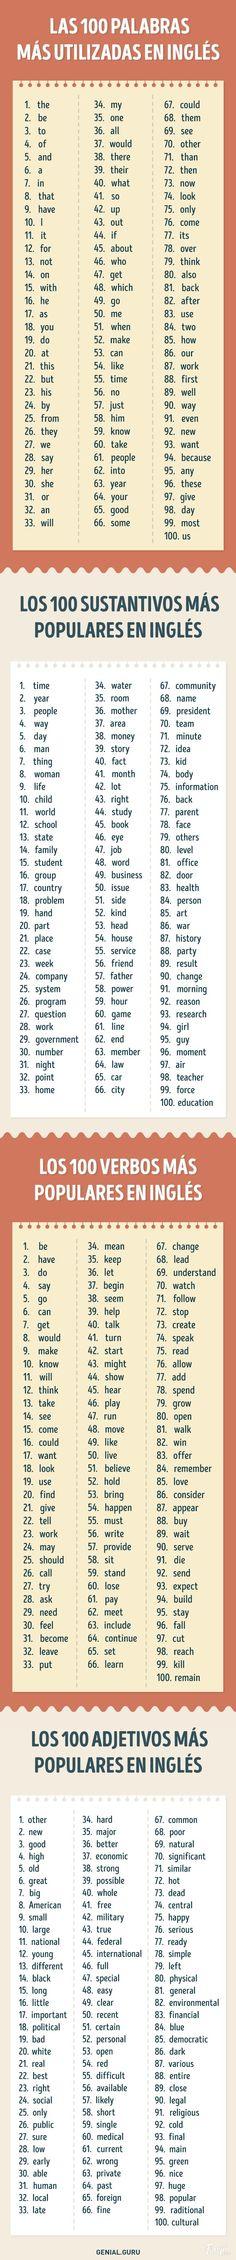 Las 400 palabras mas usadas en el idioma ingles: verbos, adjetivos, sustantivos, palabras --> http://cdn-finspi.com/images/00222/650/4463a1be6/400-palabras-en-ingles-que-son-suficientes-para-qu.jpg